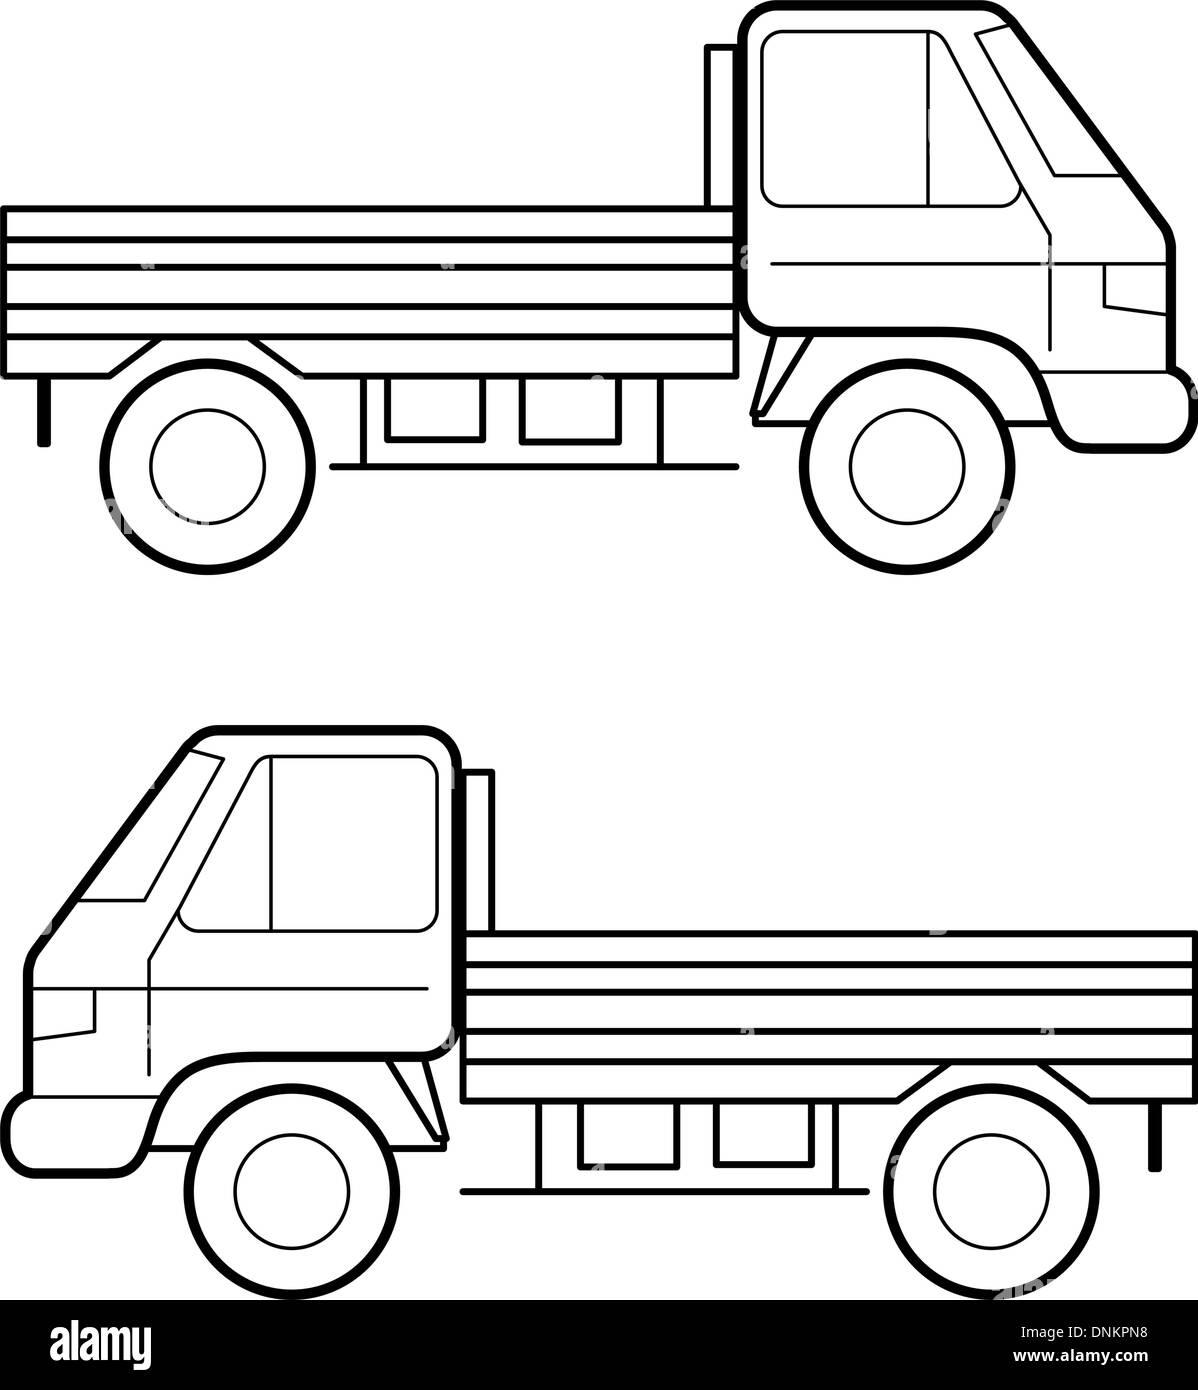 Car , vetor linhas pretas sobre fundo branco Imagens de Stock